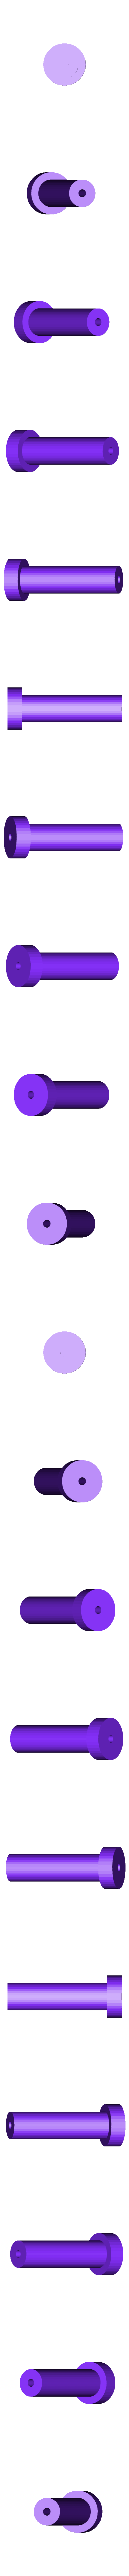 Roller1.STL Télécharger fichier STL gratuit Rouleau à pâte à l'argile • Plan pour impression 3D, Cerragh